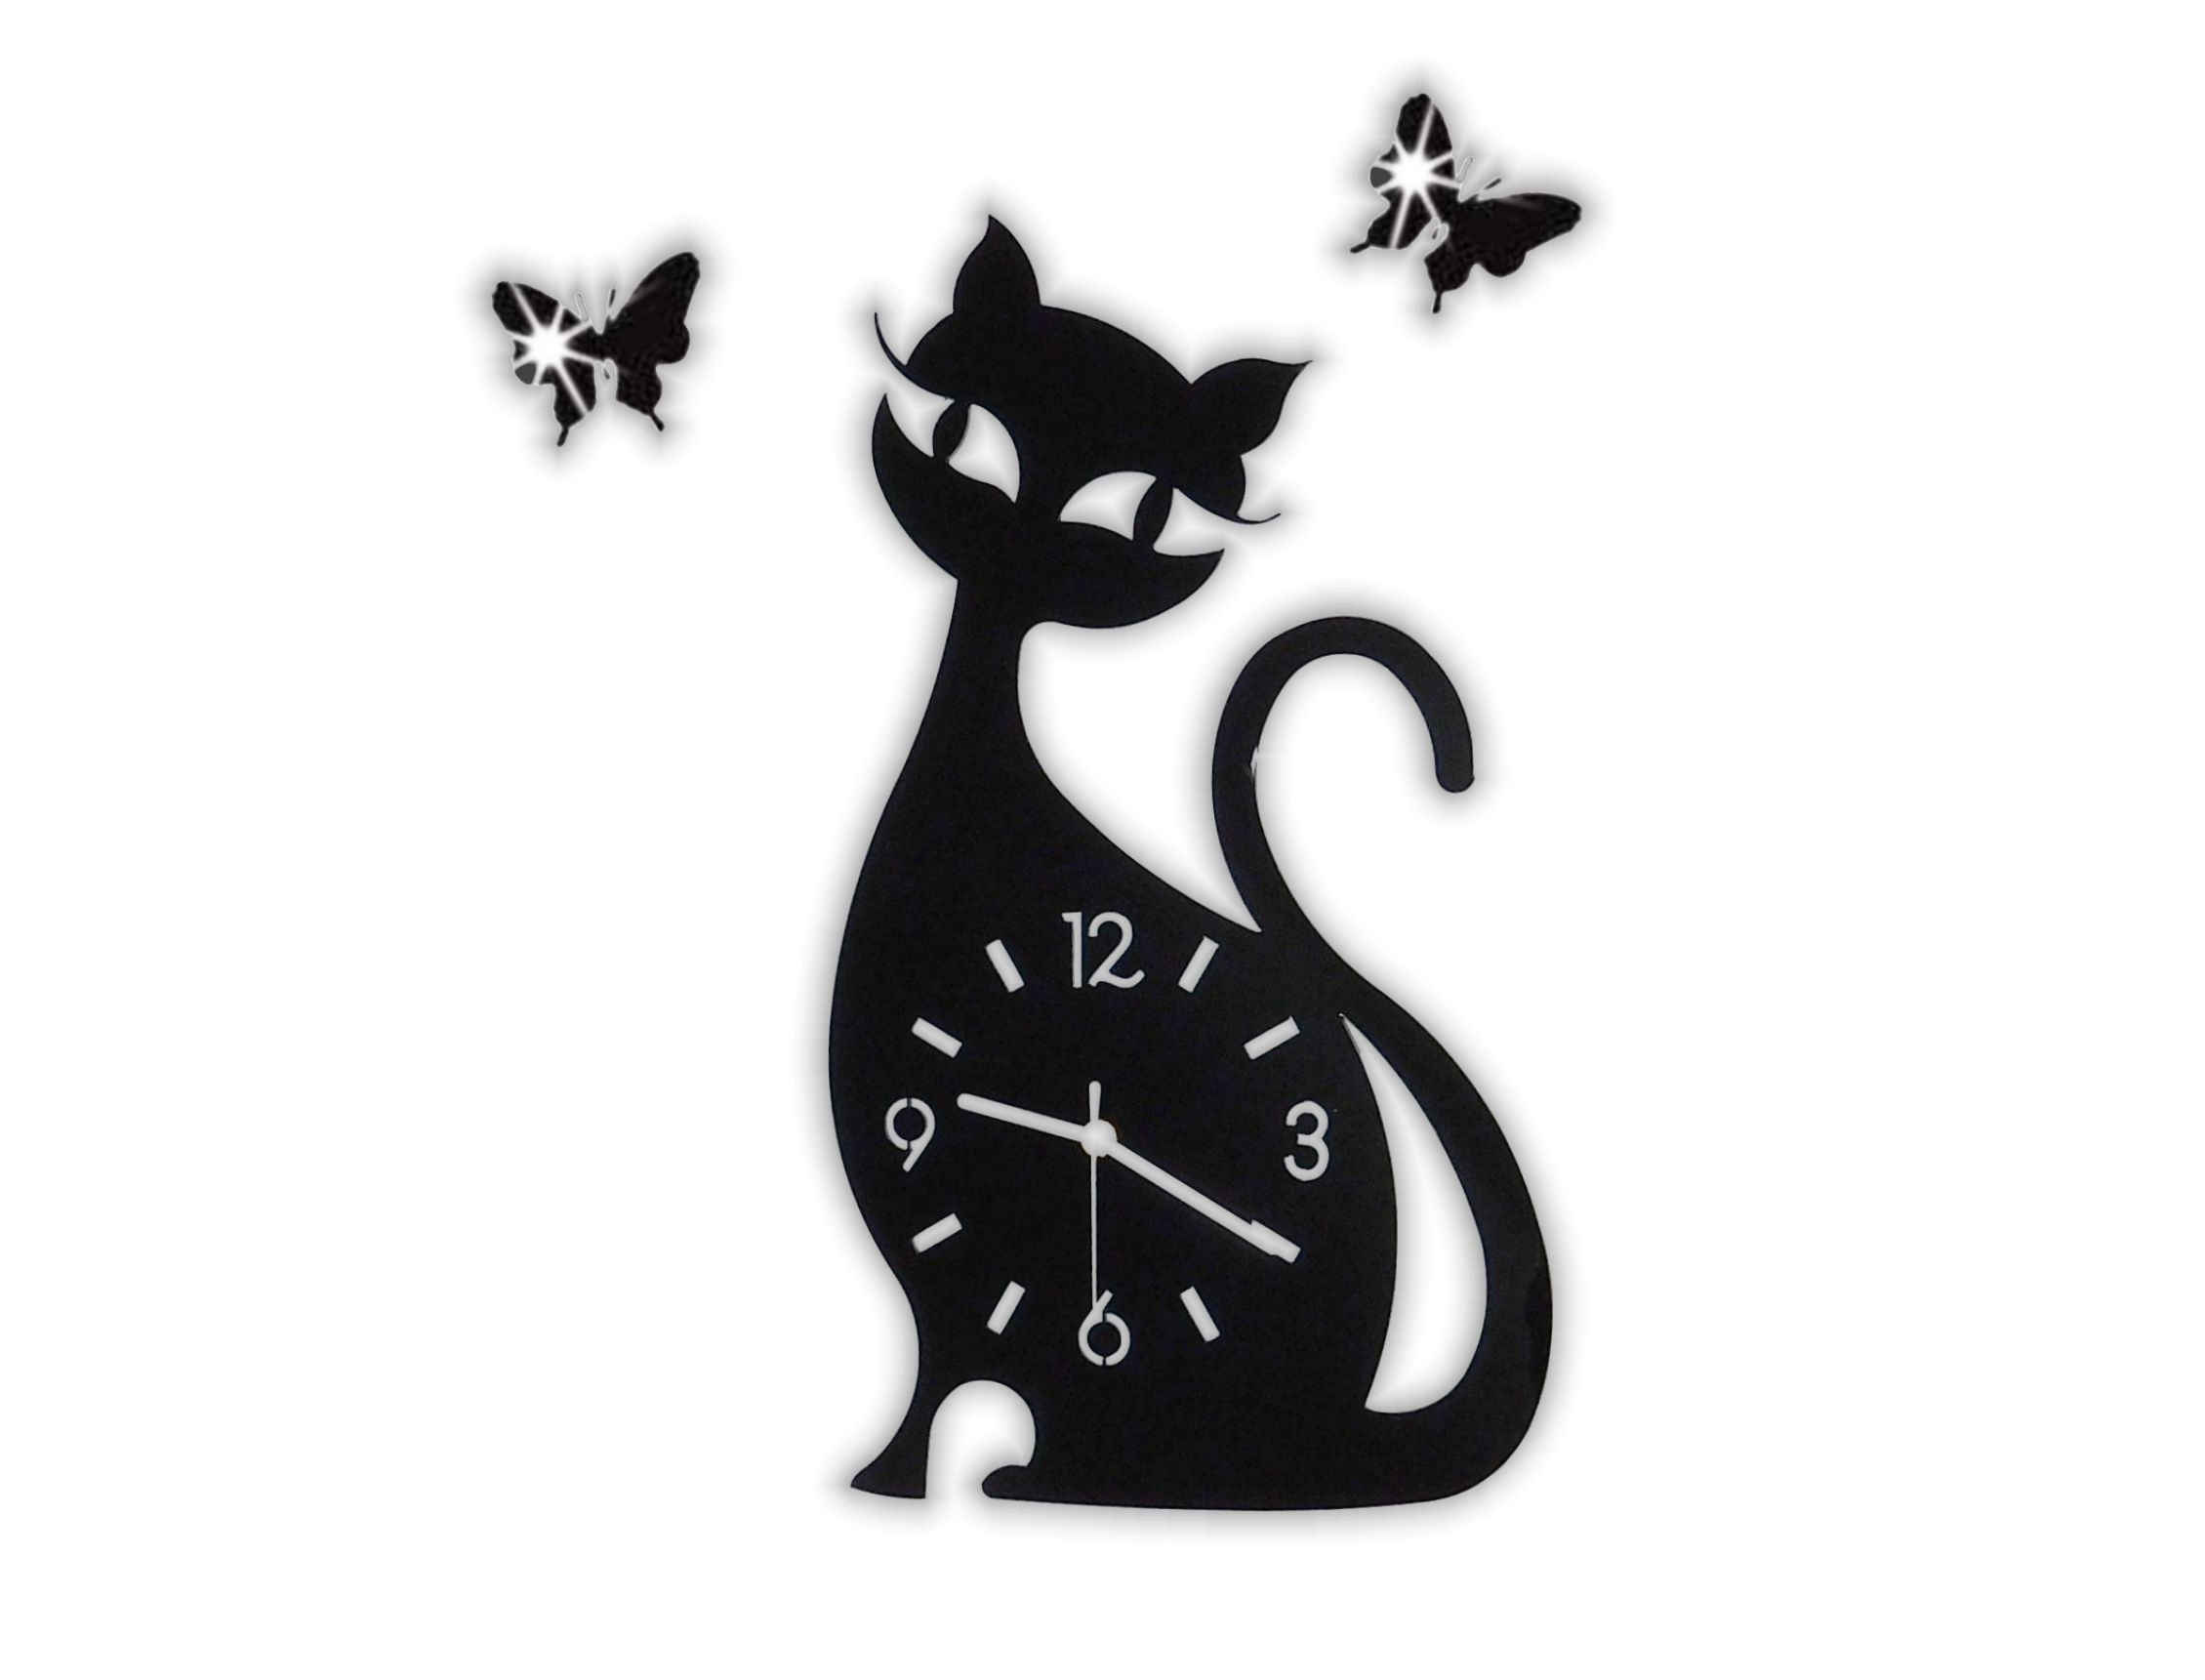 Nástěnné hodiny Kočka s motýly 45x25cm černá / bílá